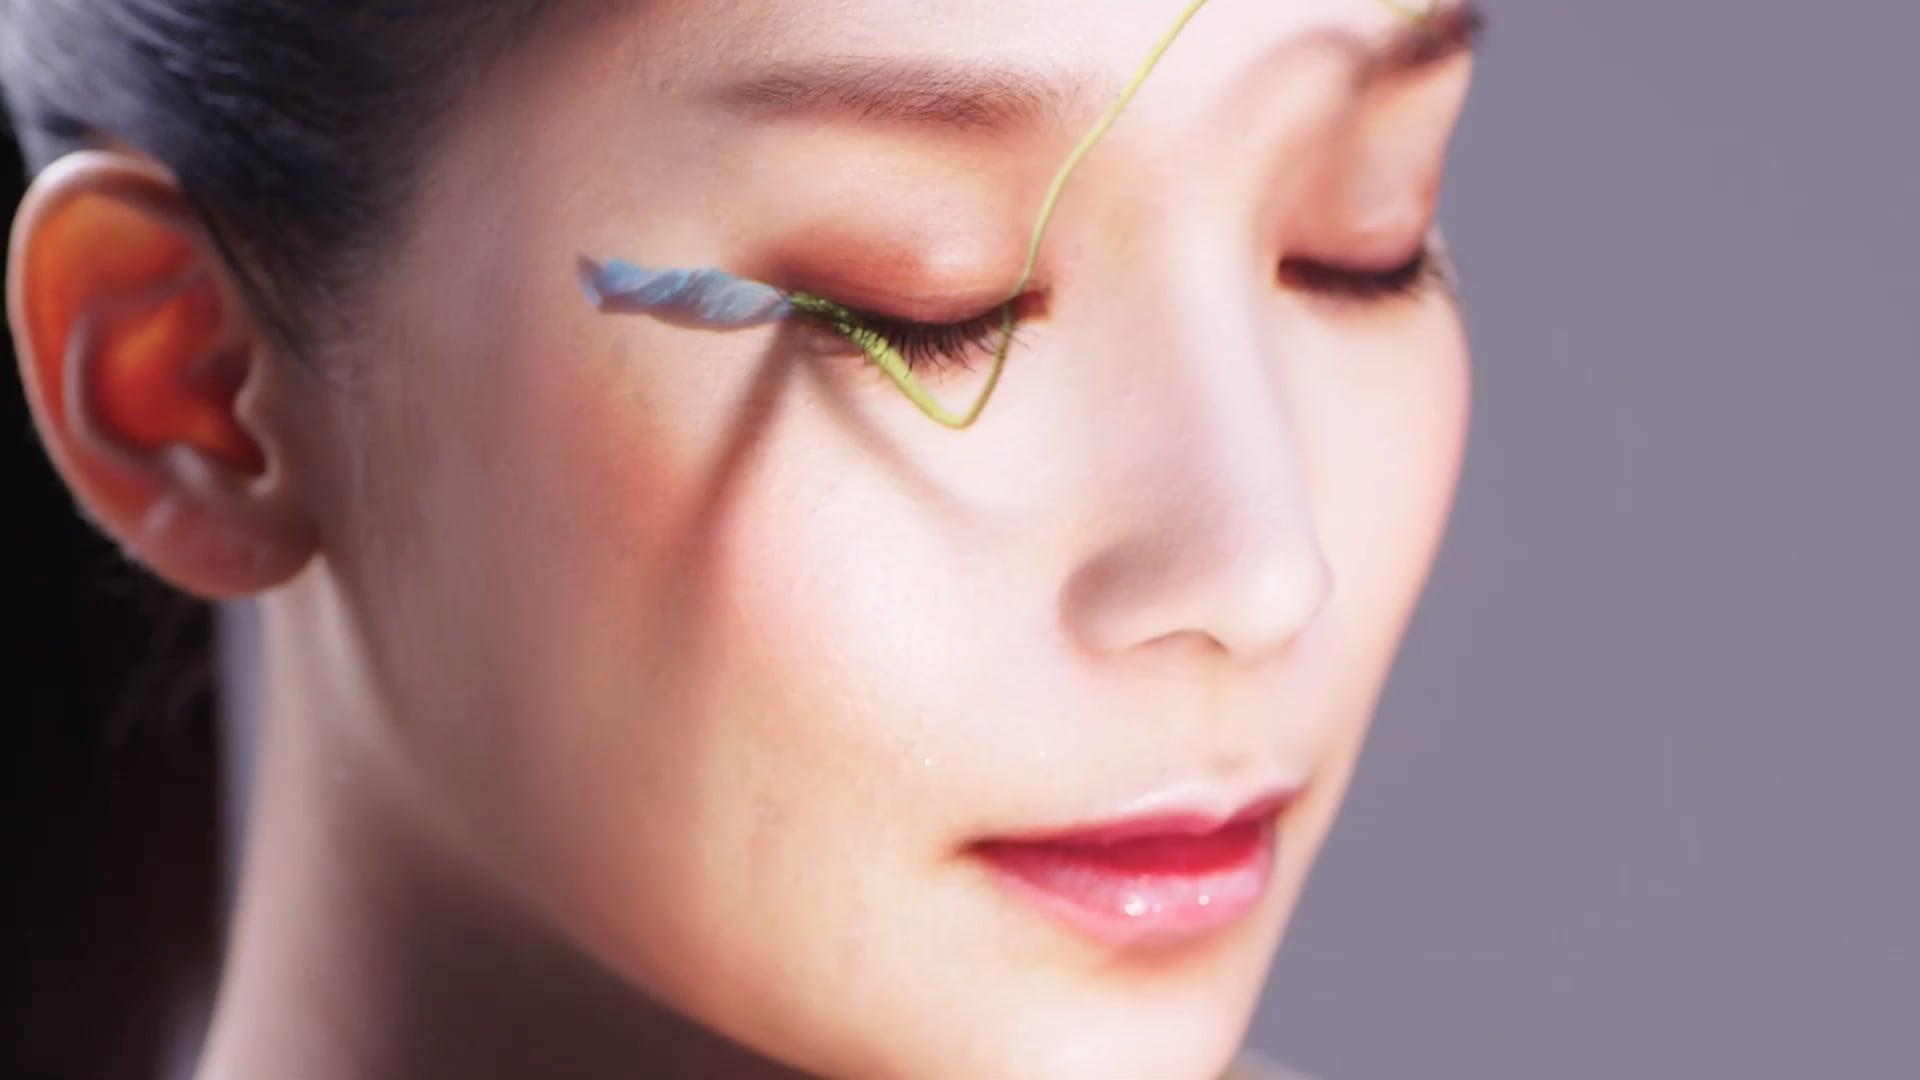 花鳥風月 [kacho-fugetsu] / real-time face tracking and projection mapping